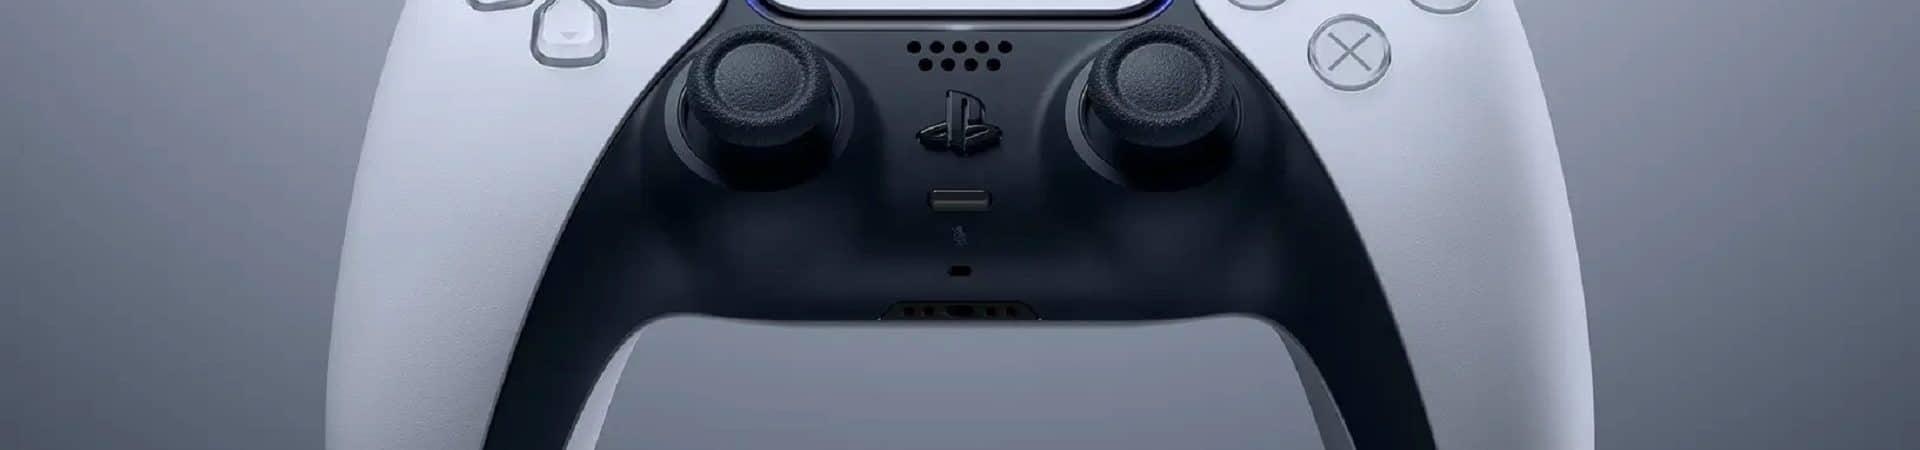 Controle do PS5, o DualSense no Brasil registra R$ 300 só de impostos. Imagem: MeuPlayStation/Reprodução